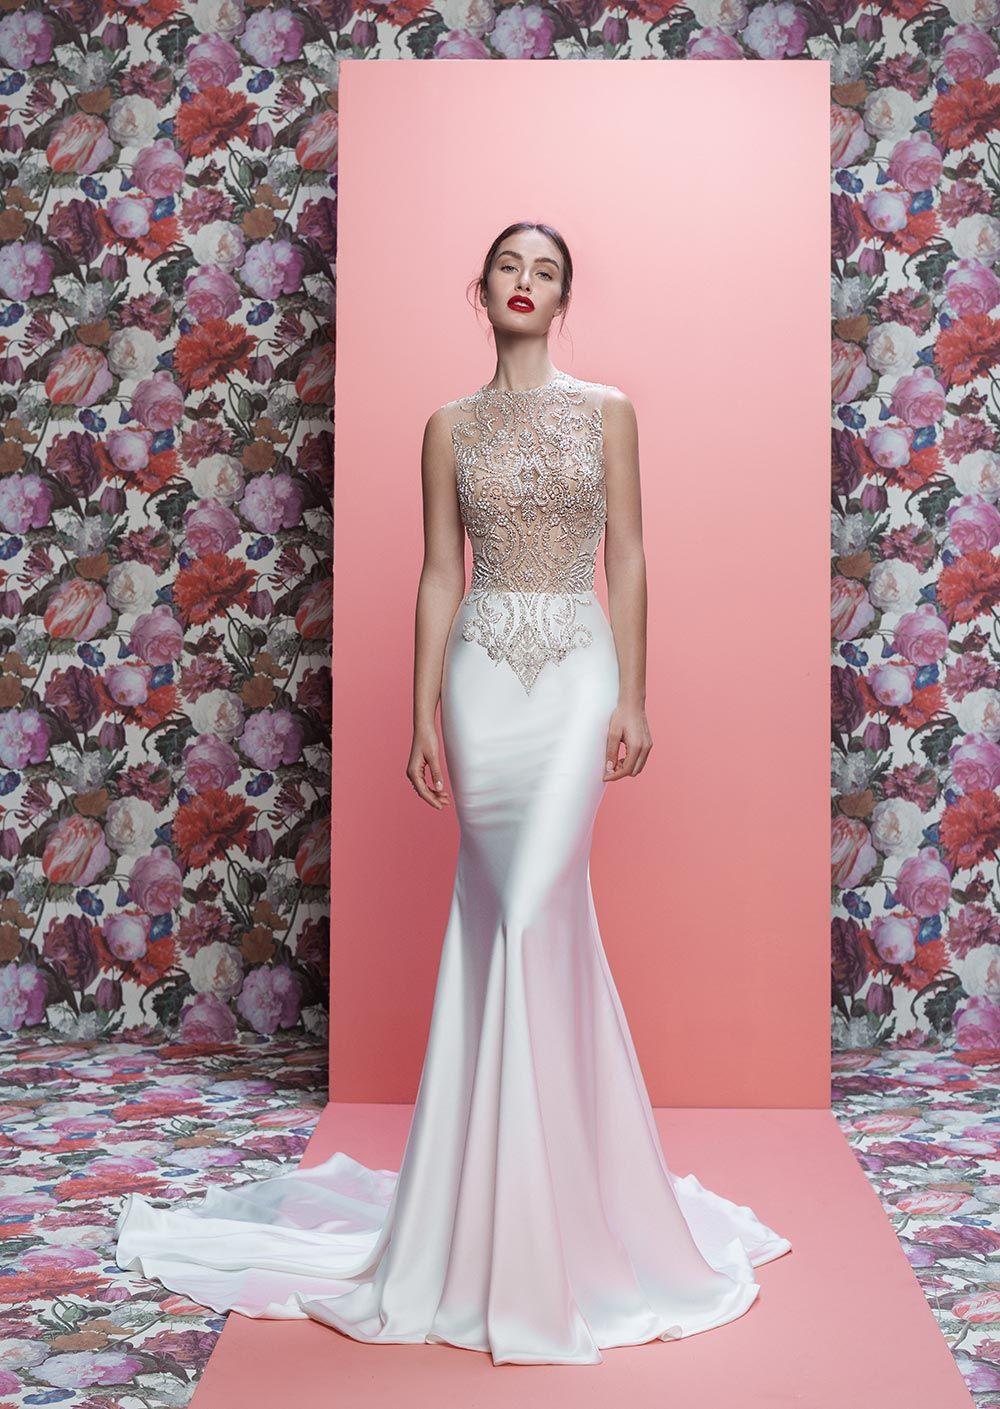 Galia Lahav 2019 Bridal Collection: Queen of Hearts | Galia lahav ...